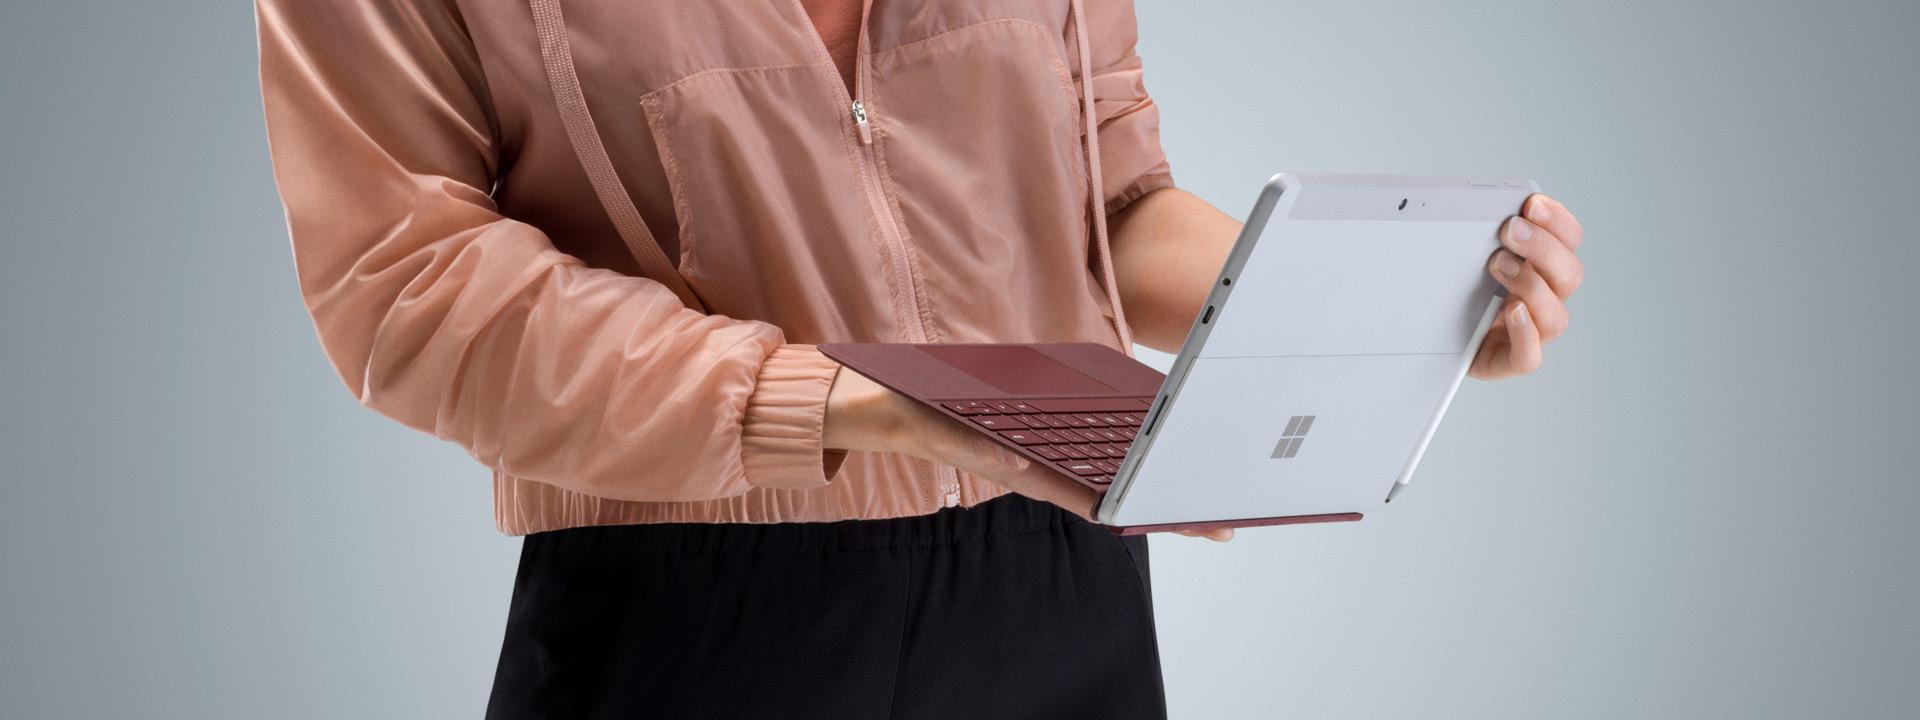 เด็กผู้หญิงที่สวมเสื้อแจ็คเก็ตสีชมพูกำลังถือ Surface Go